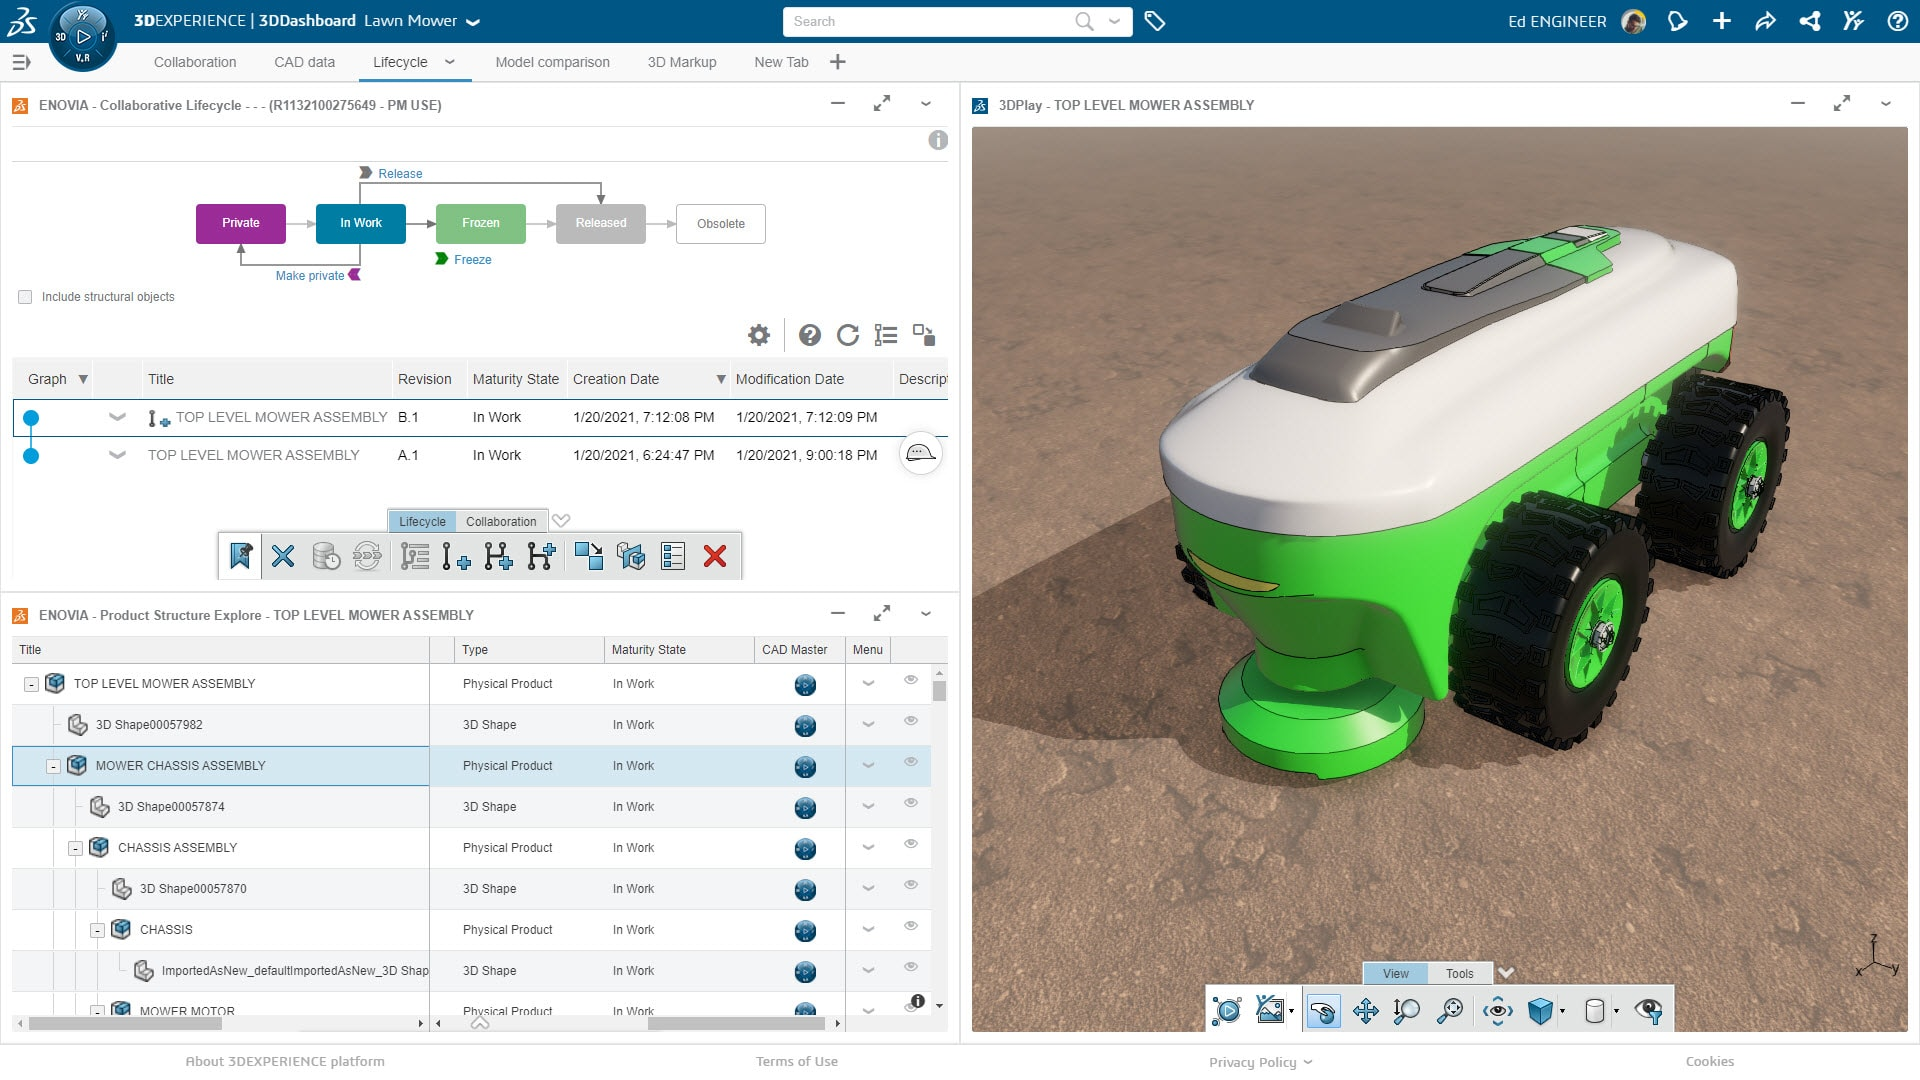 Die 3DEXPERIENCE Plattform erleichtert die Kommunikation im Team und mit Stakeholdern durch transparente Prozesse.